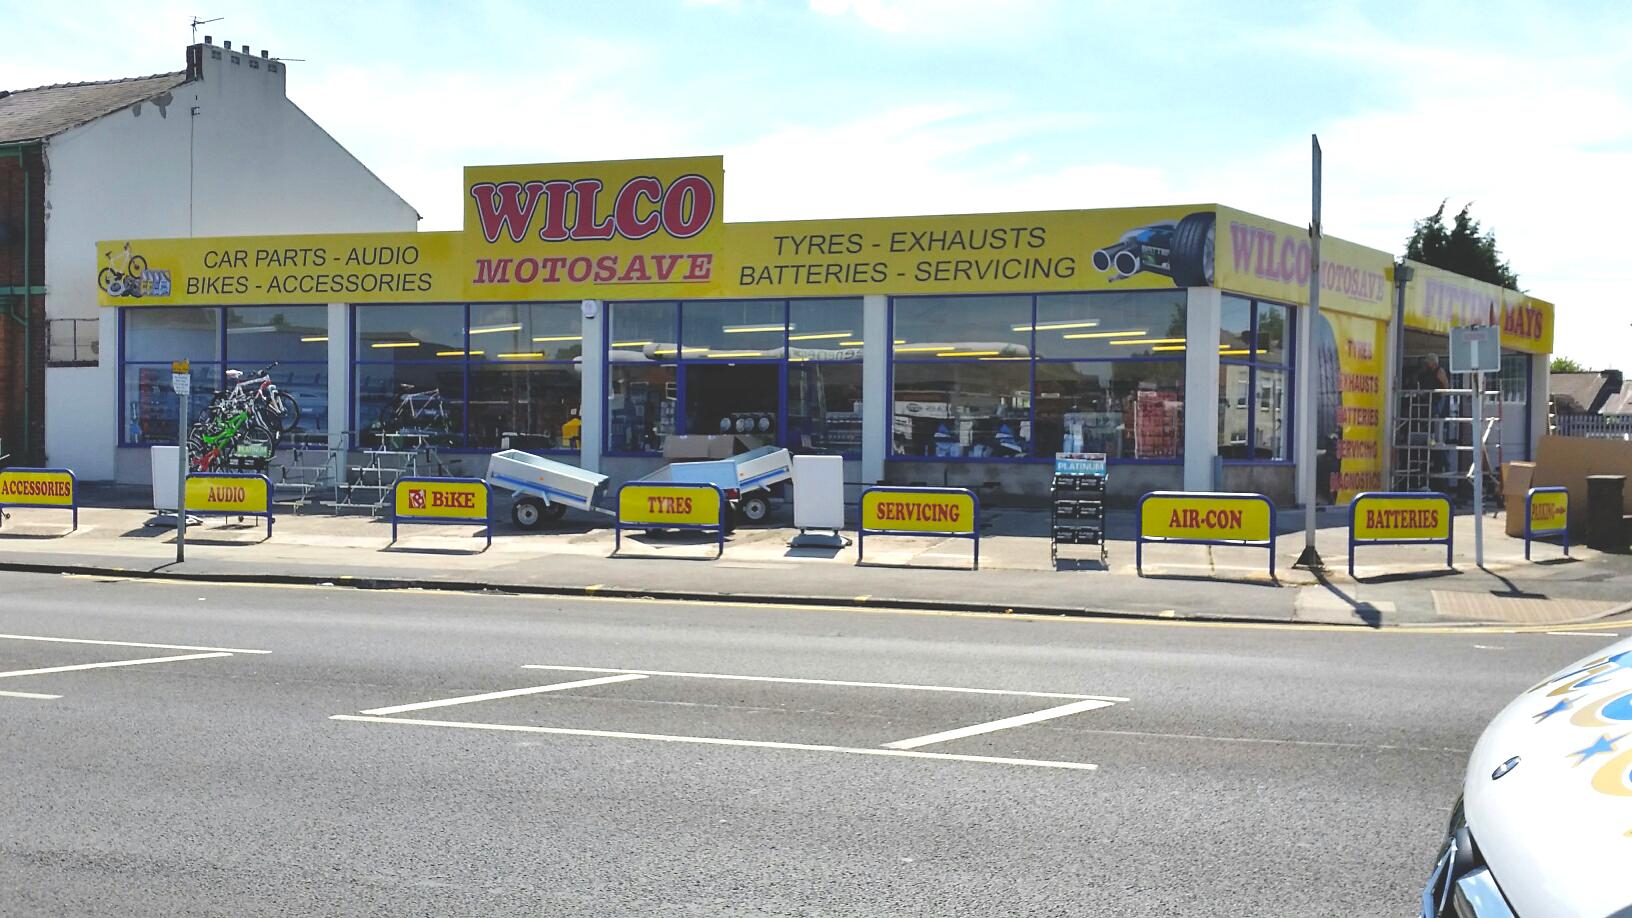 Wilco Motosave - Manchester, Lancashire M27 5AF - 01617 944446 | ShowMeLocal.com